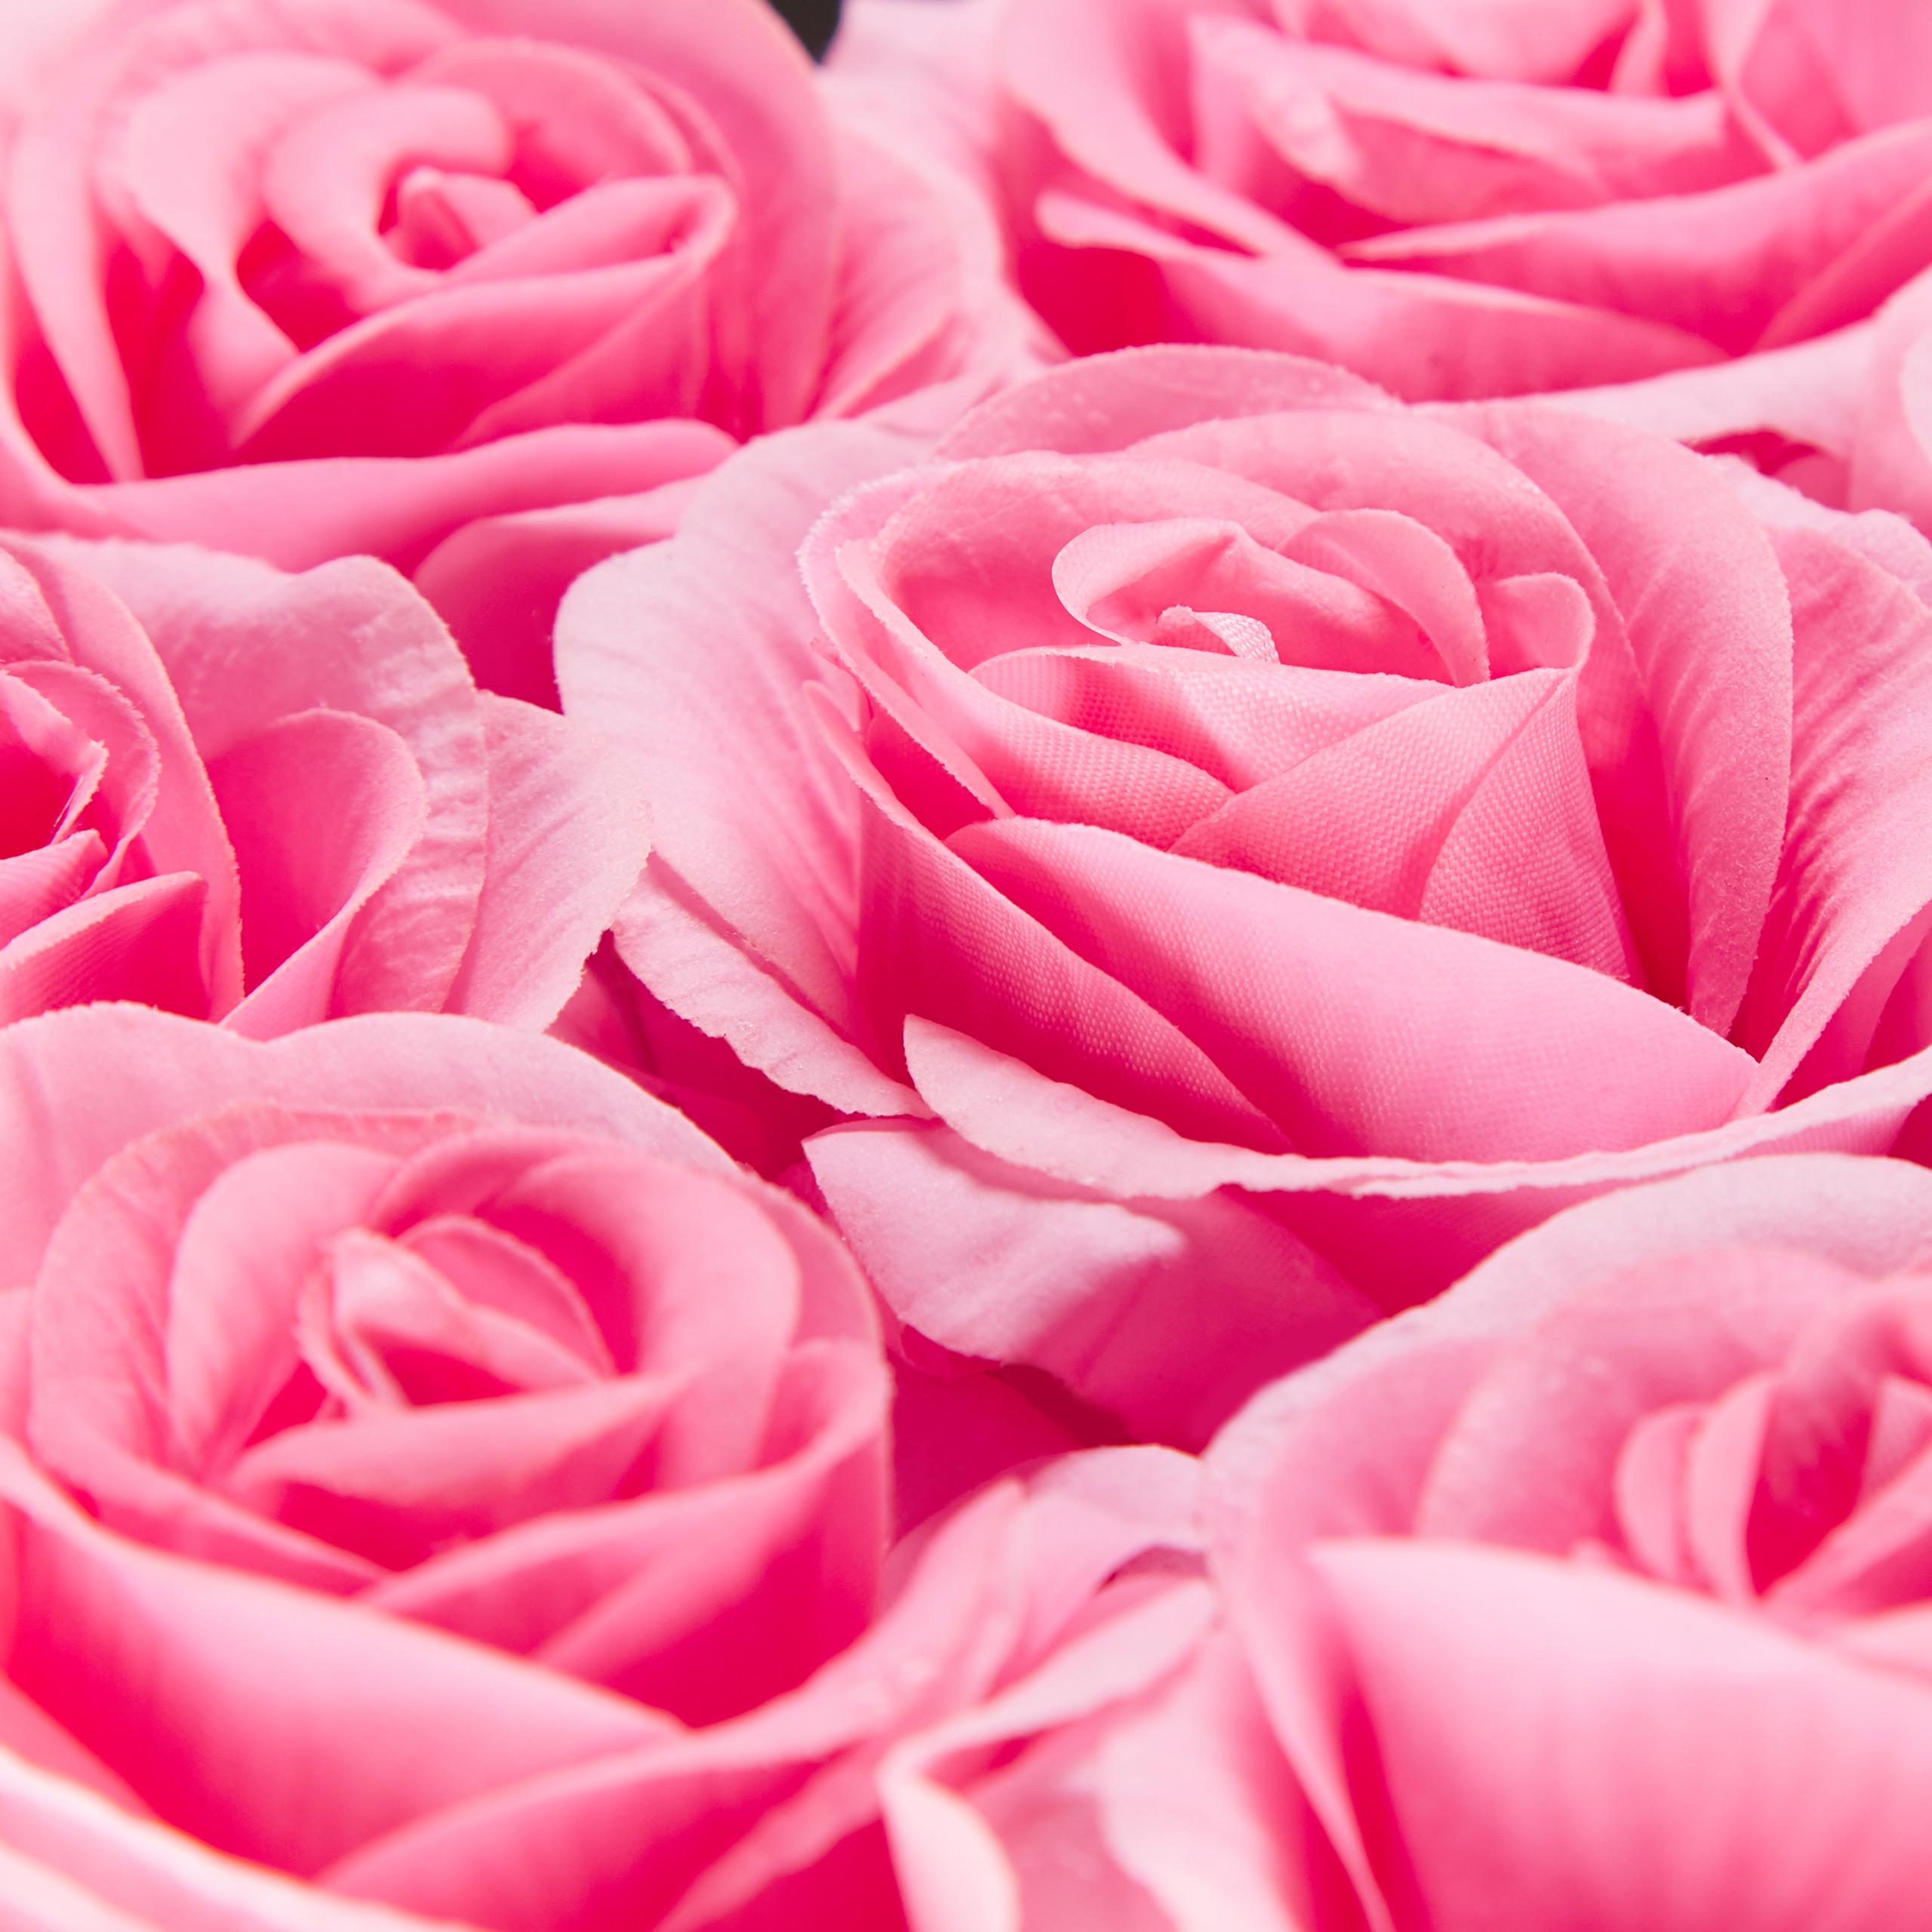 Rosenbox-Flowerbox-49-Kunstblumen-Valentinstag-Blumenbox-Deko-Ewige-Rosen-eckig Indexbild 8